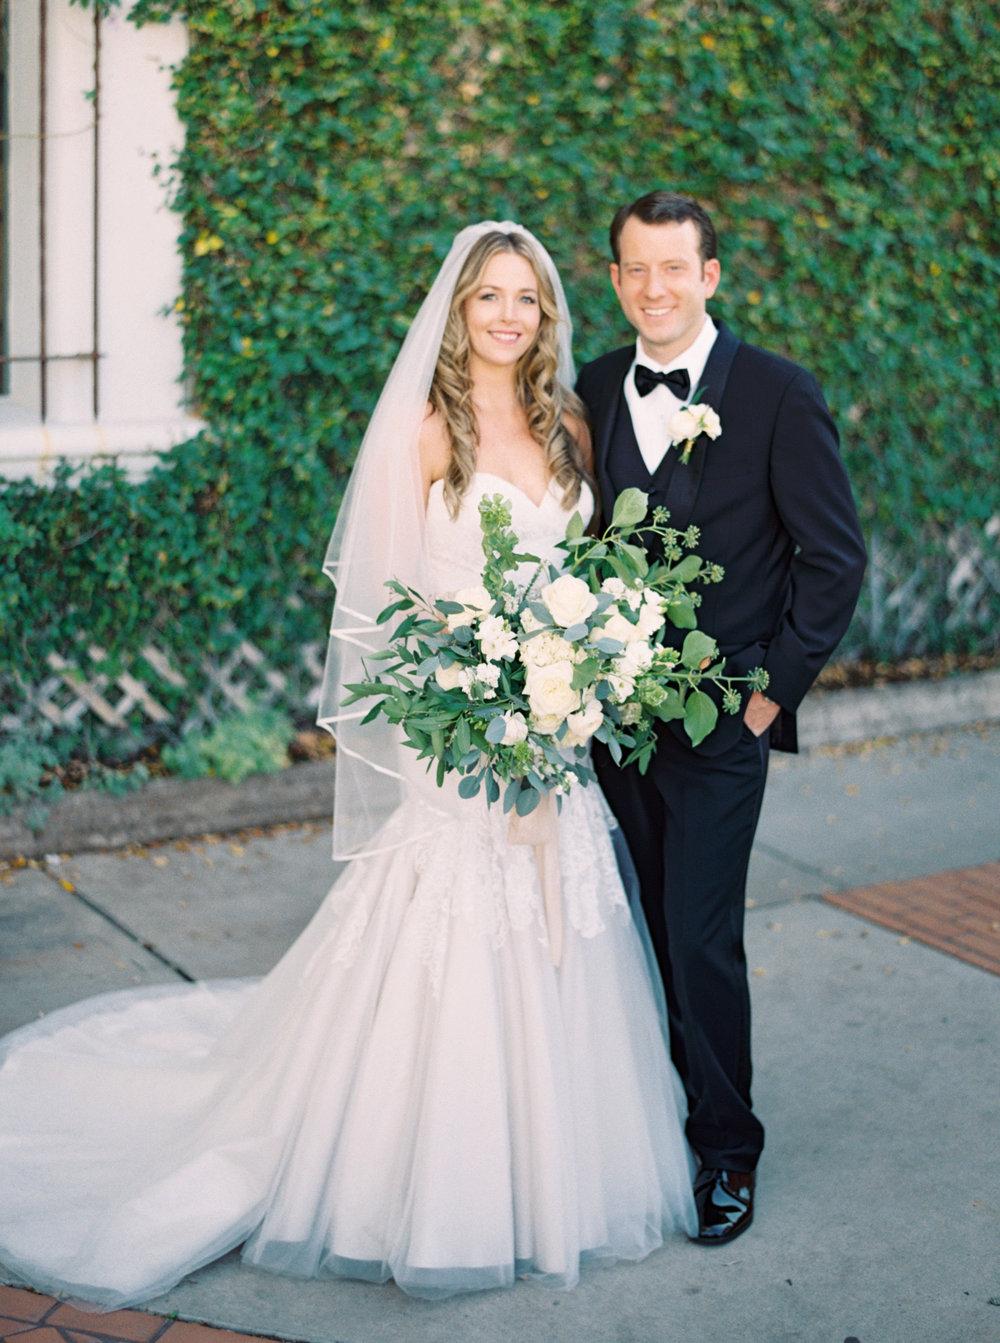 Cara & Kynan Wedding // Image by Nicole Barrett